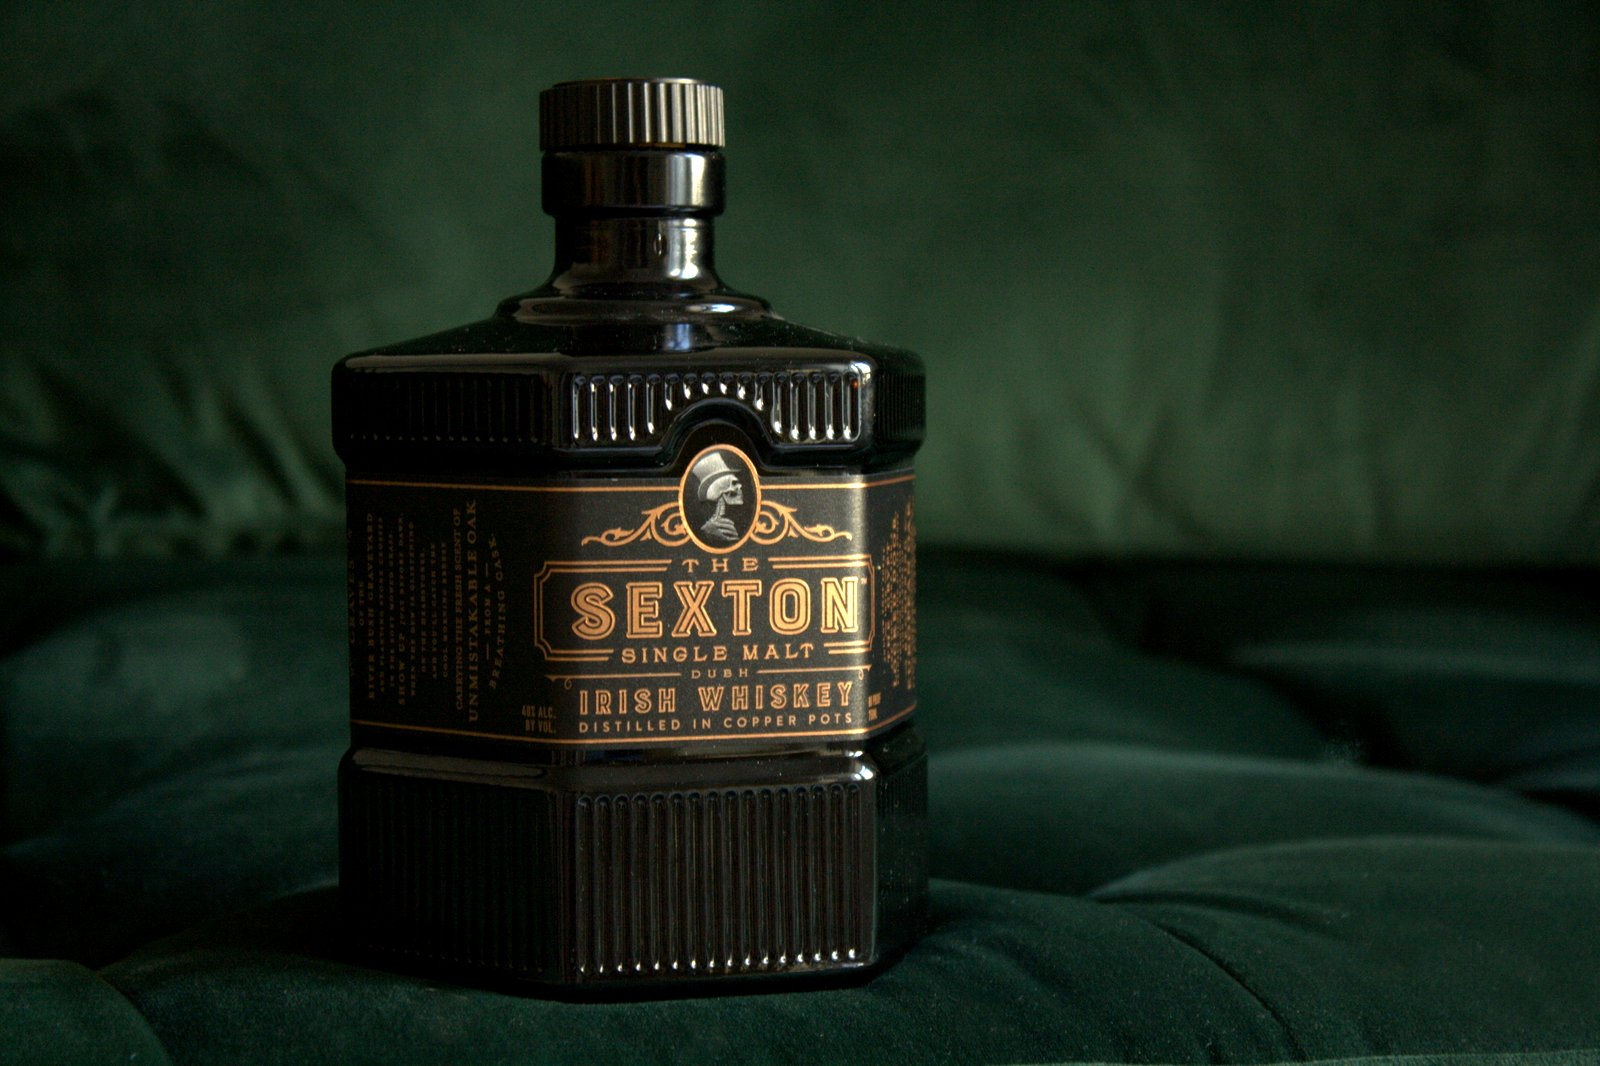 The Sexton Irish Whiskey